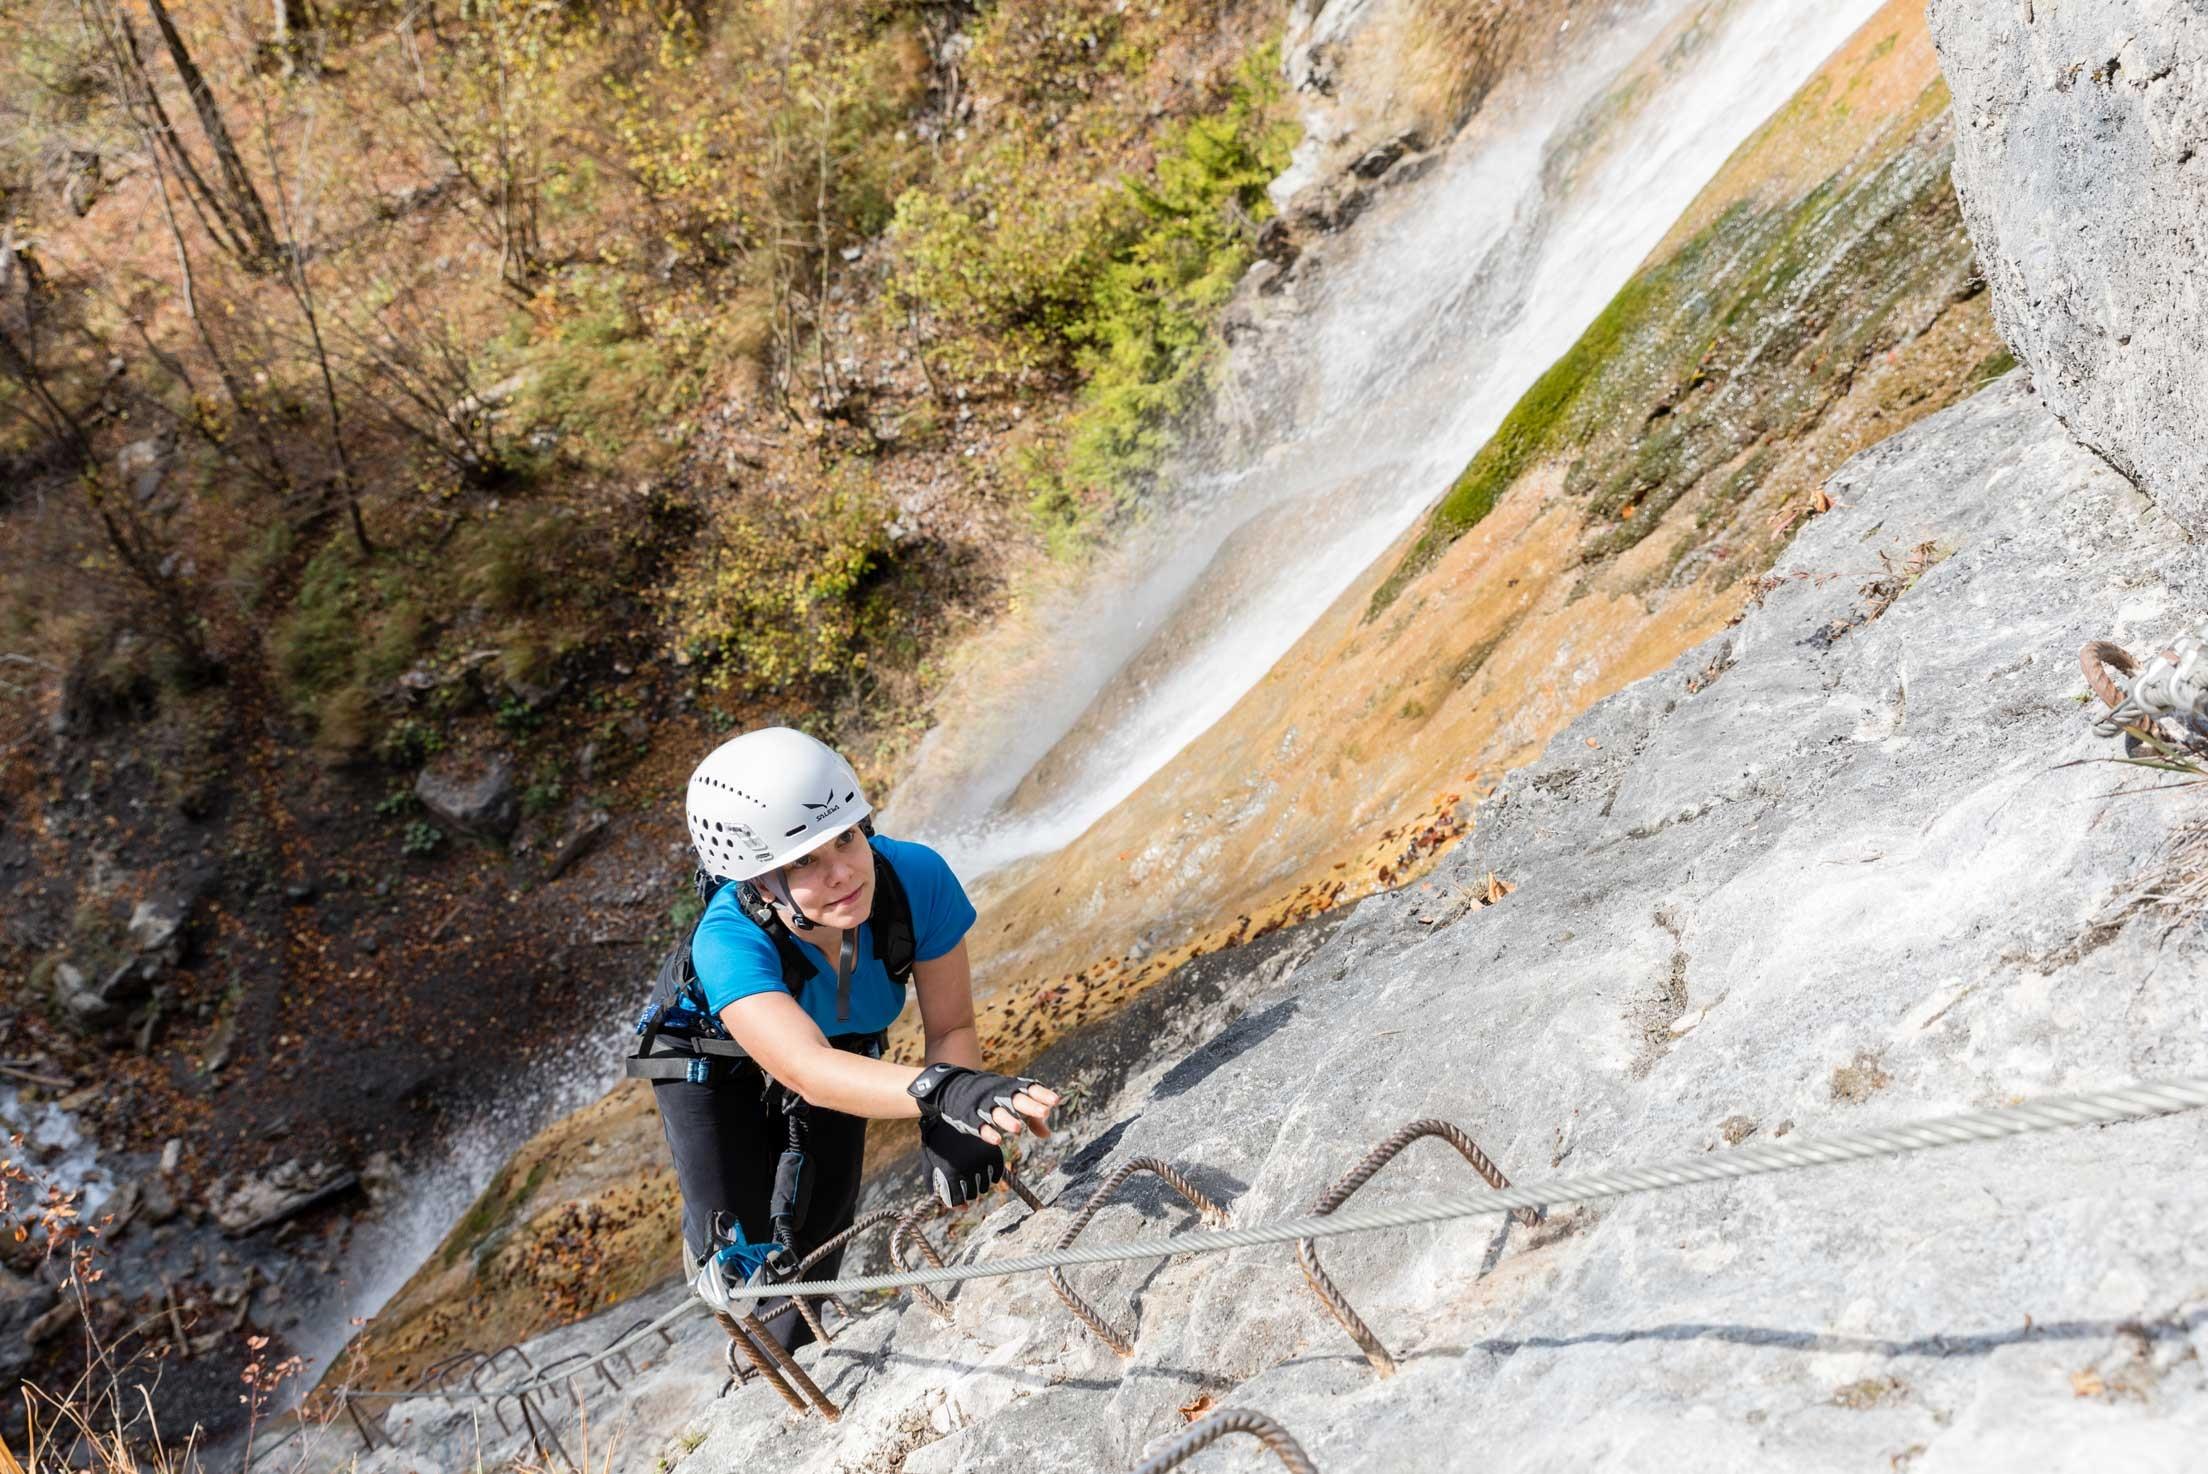 Fallbach Klettersteig Vorarlberg : Klettersteige wasserfall klettersteig km bergwelten